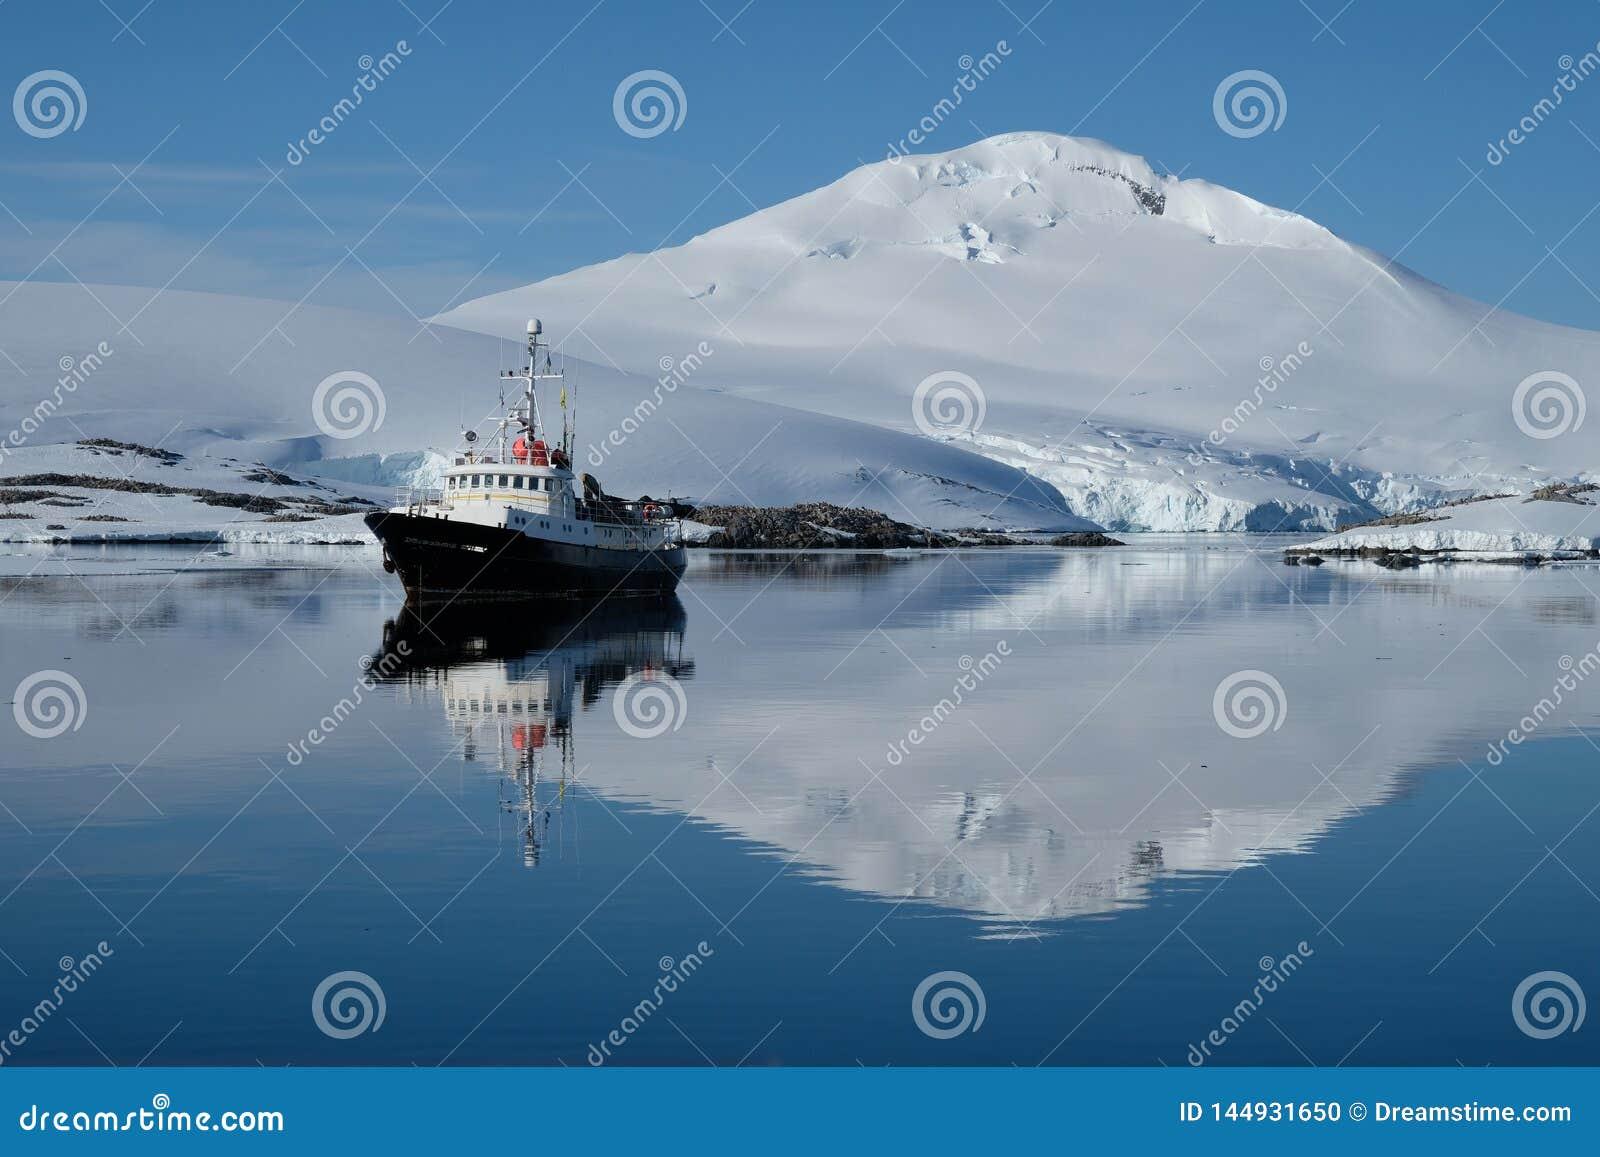 La barca dell Antartide si increspa in una baia blu dello specchio sotto la montagna ricoperta neve bianca